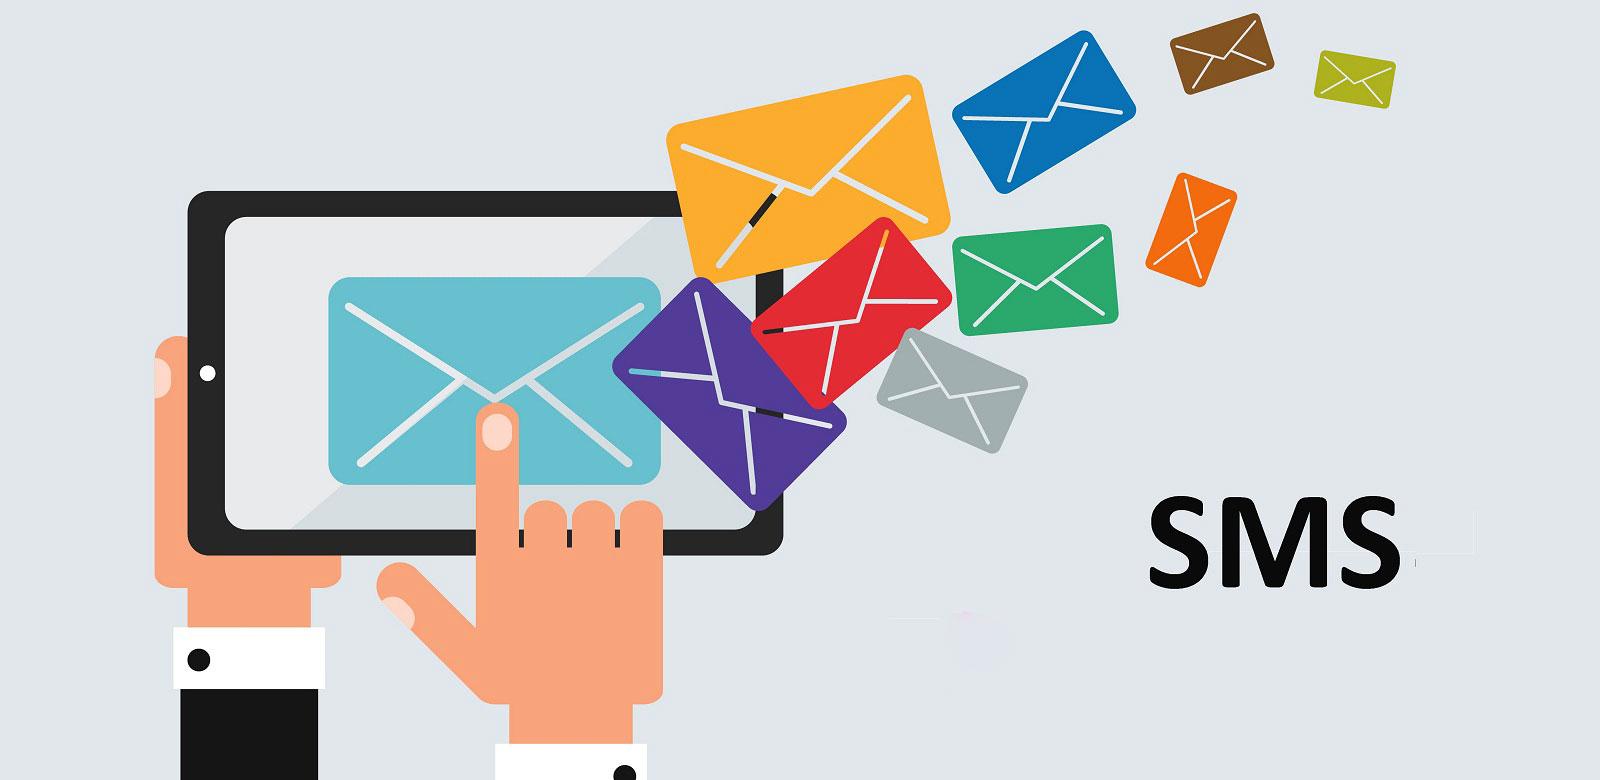 برخورد با ارسال کنندگان پیامک تبلیغاتی شدیدتر می شود